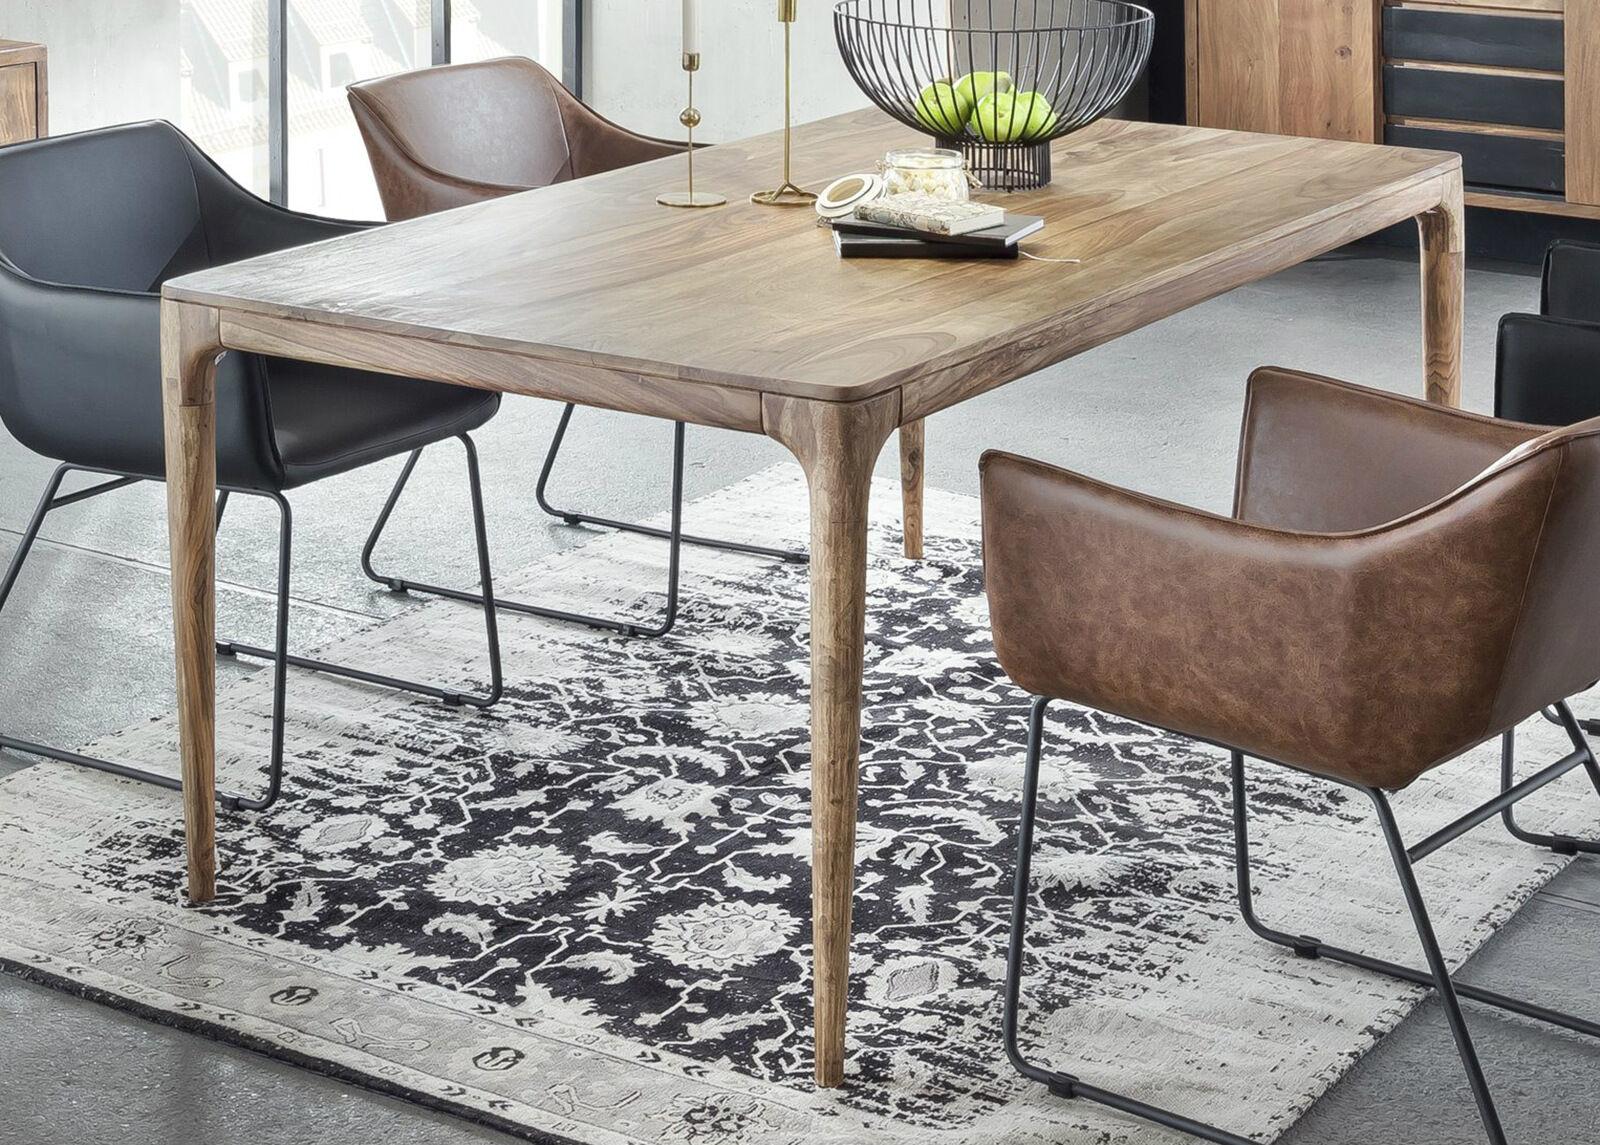 SIT Möbel Ruokapöytä Mid Century 140x70 cm